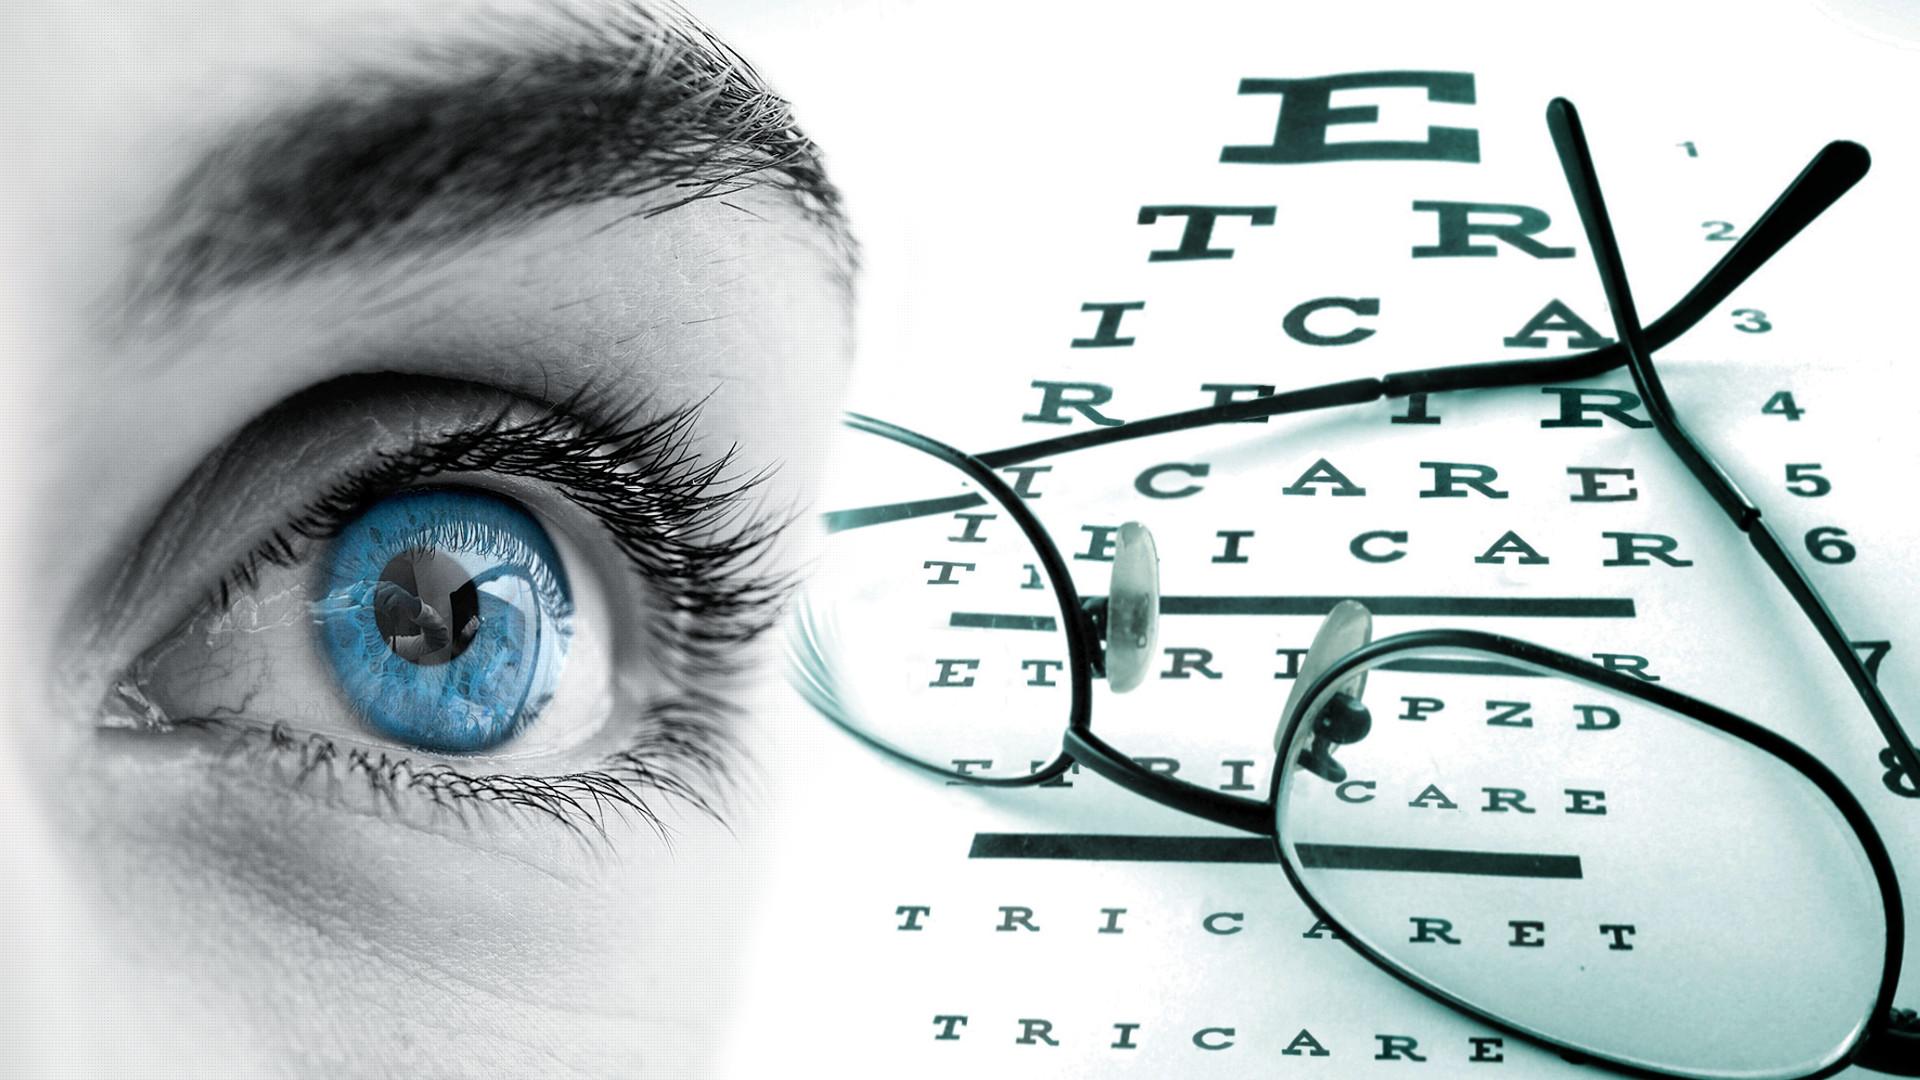 Σταματήστε τις κακές συνήθειες που βλάπτουν την όρασή σας